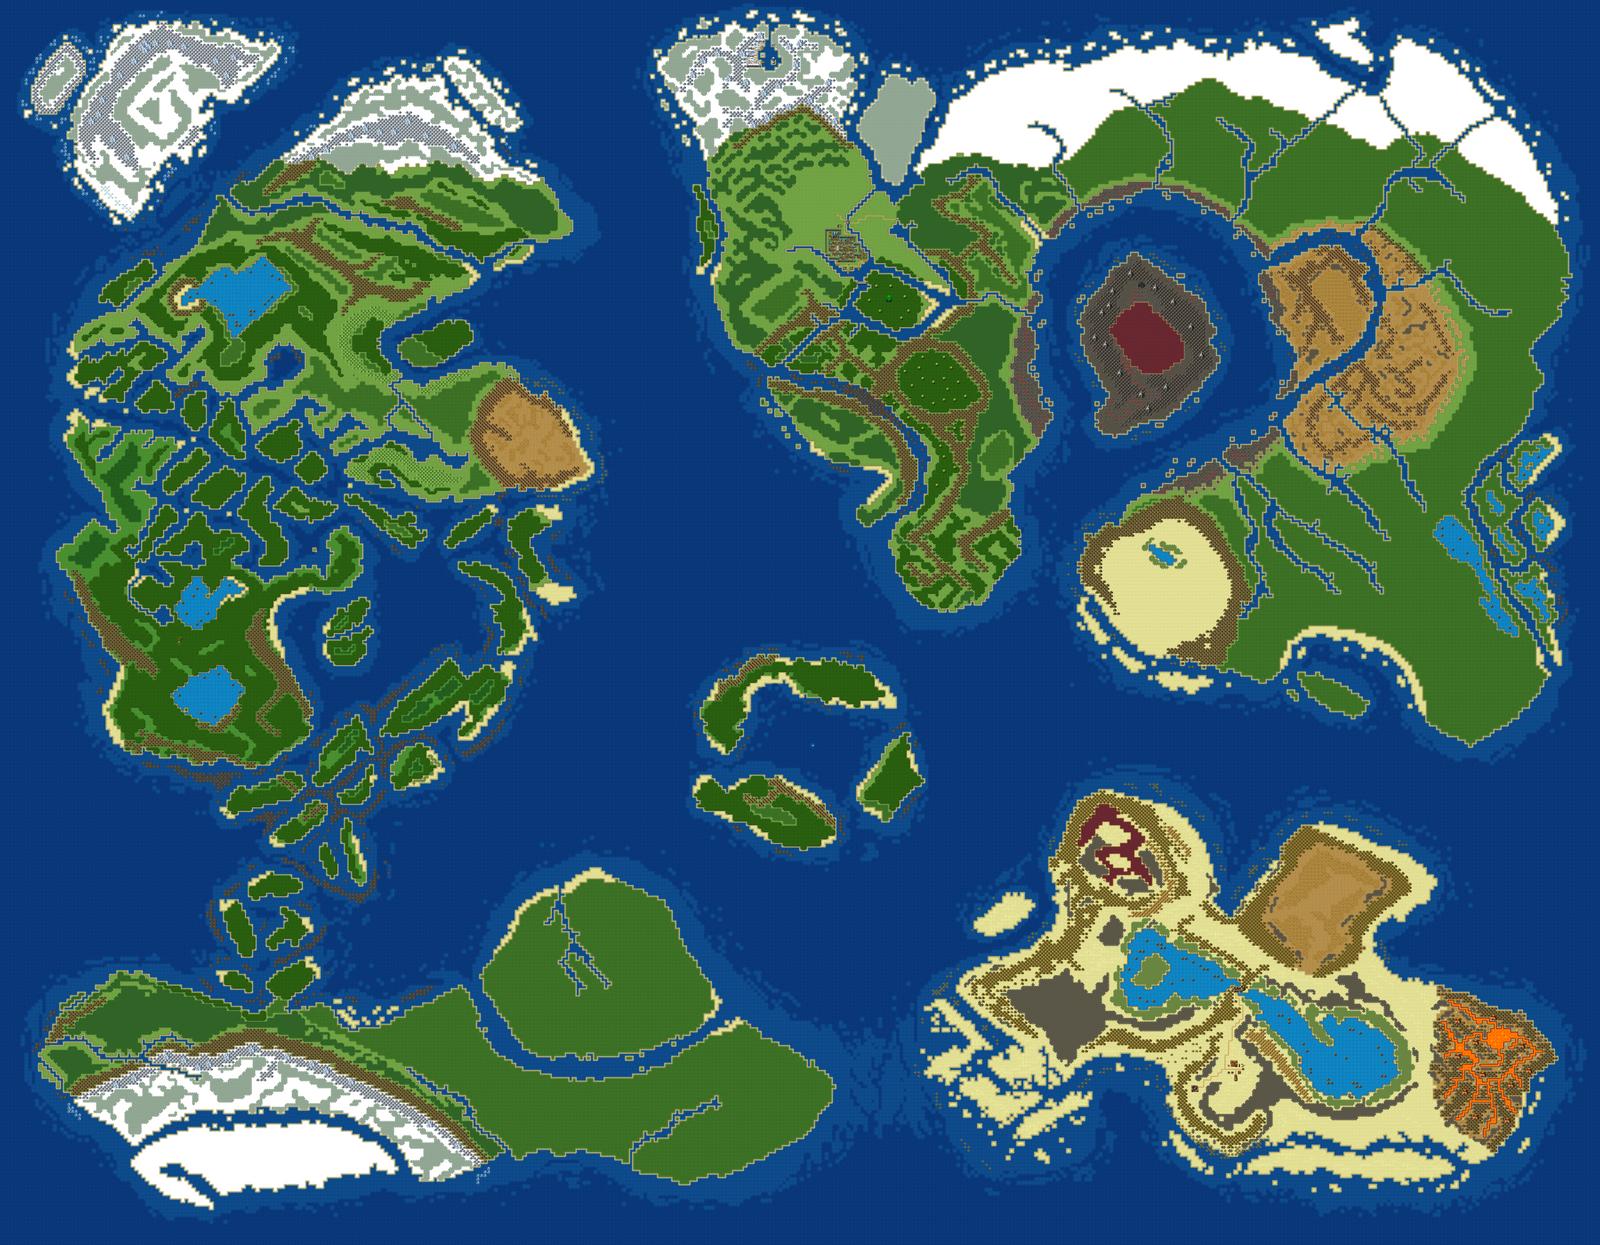 World Map v4 by RaZziraZzi